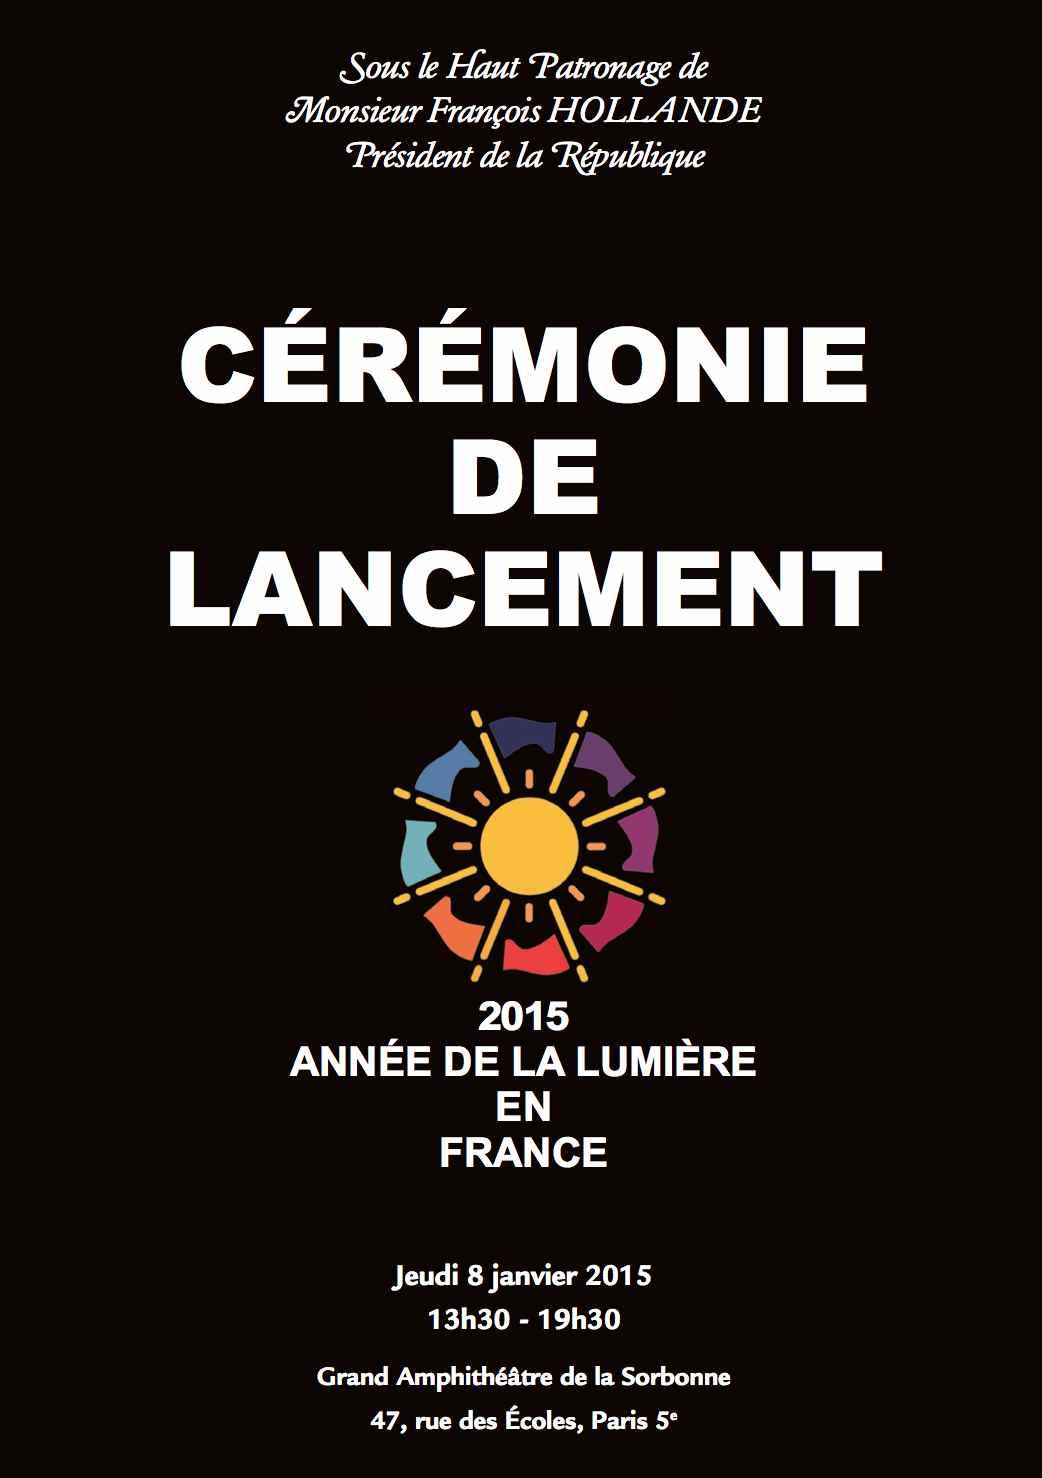 Cérémonie de Lancement de l'Année Lumière 2015 en France (8 janvier 2015)